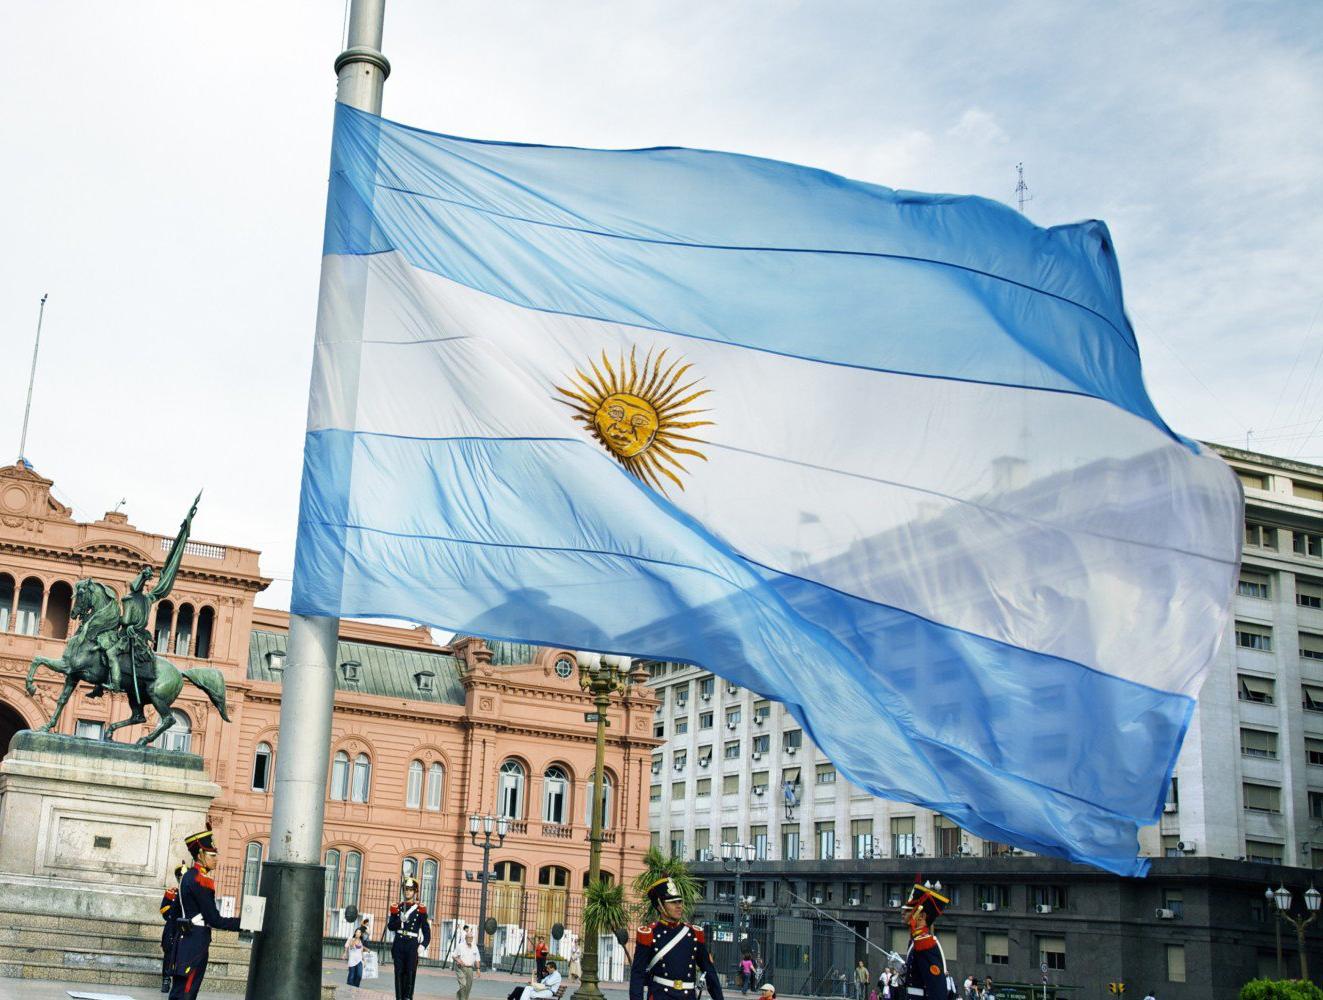 espanhol argentina - 5 Razões Para Aprender Espanhol Antes de Iniciar o Intercâmbio